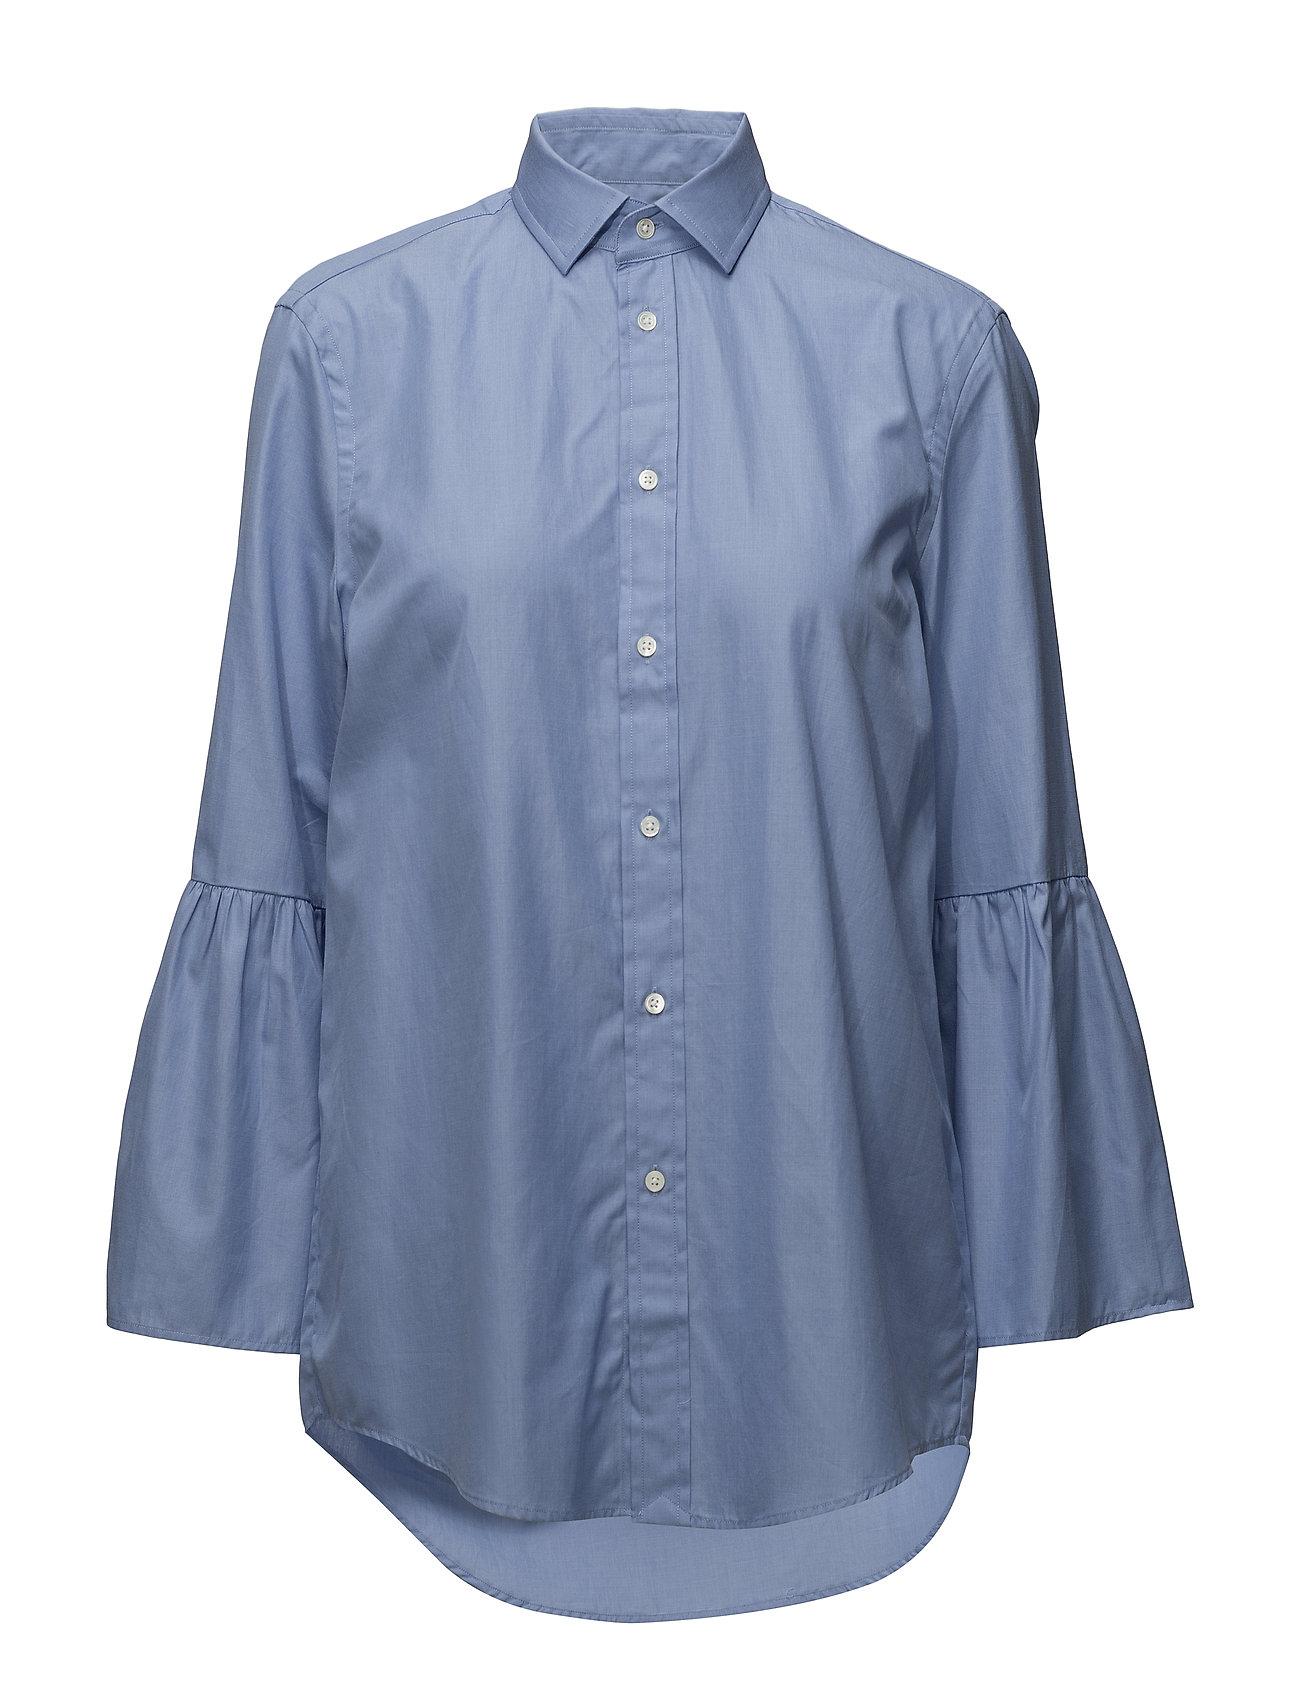 Polo Ralph Lauren Cotton Bell-Sleeve Shirt